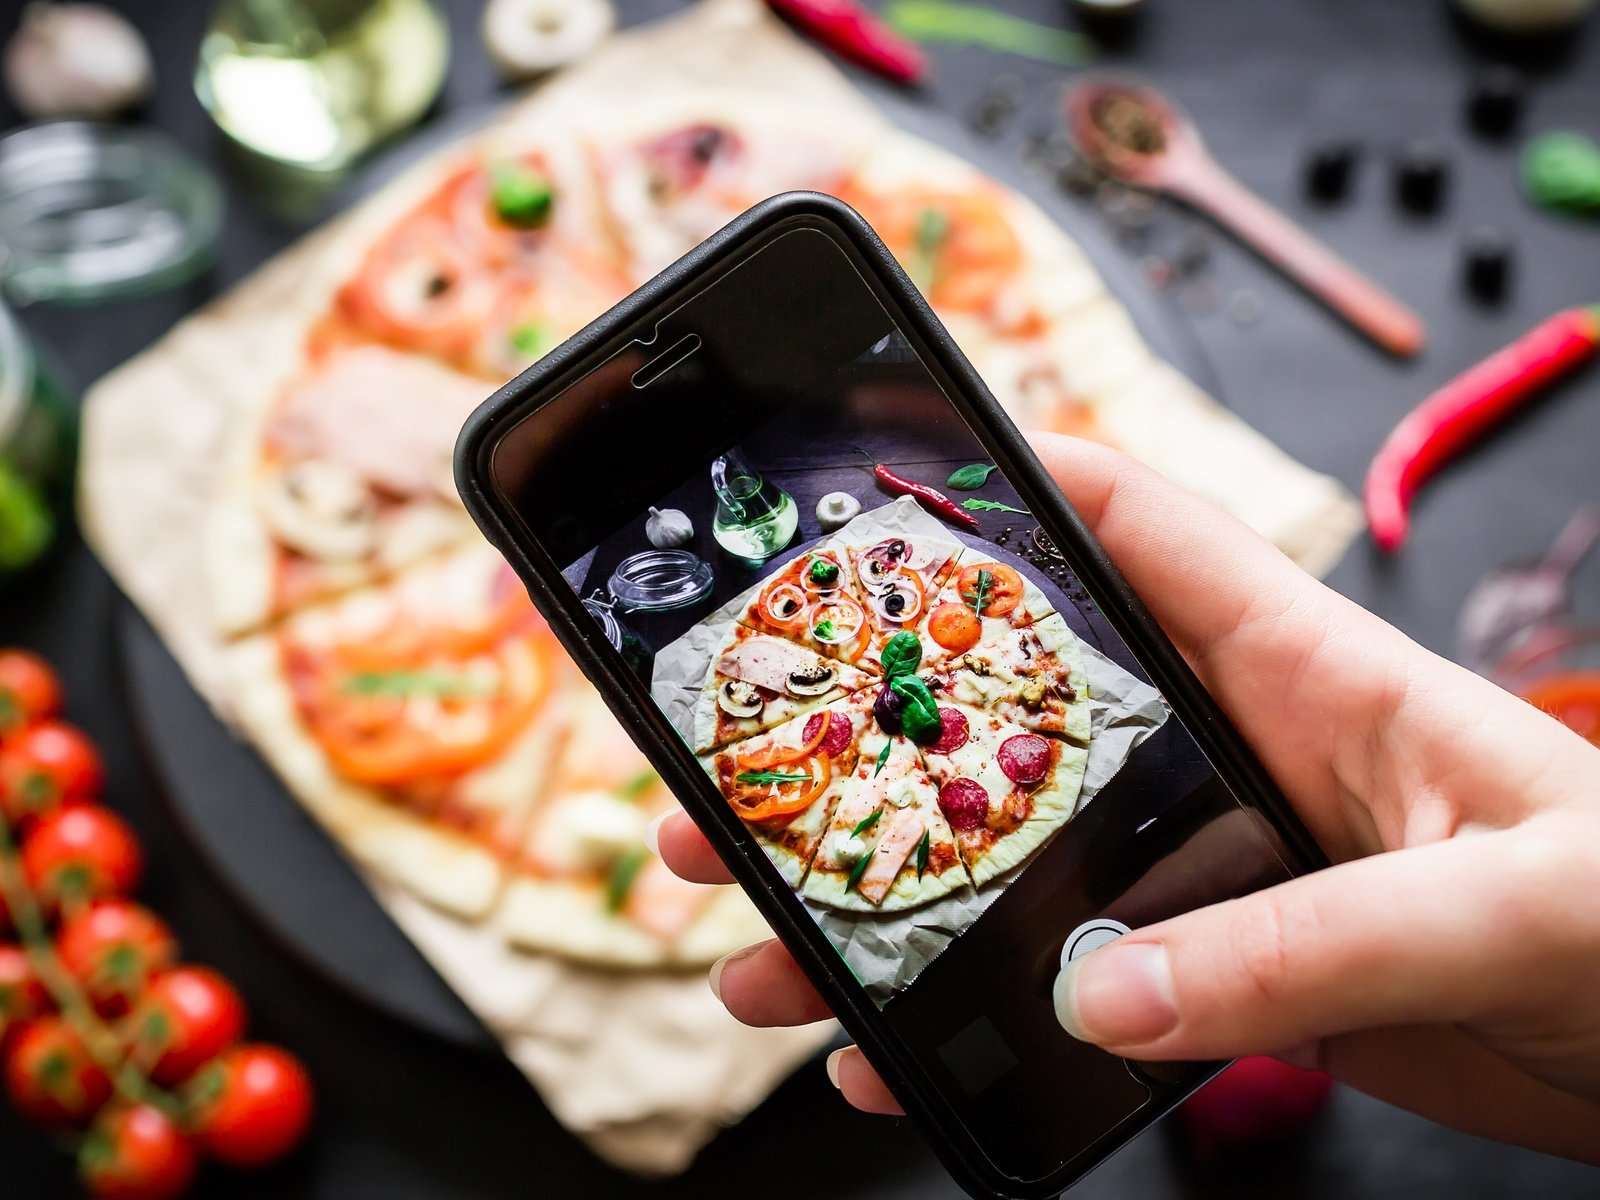 фуд фотография на смартфон может украсить праздничный